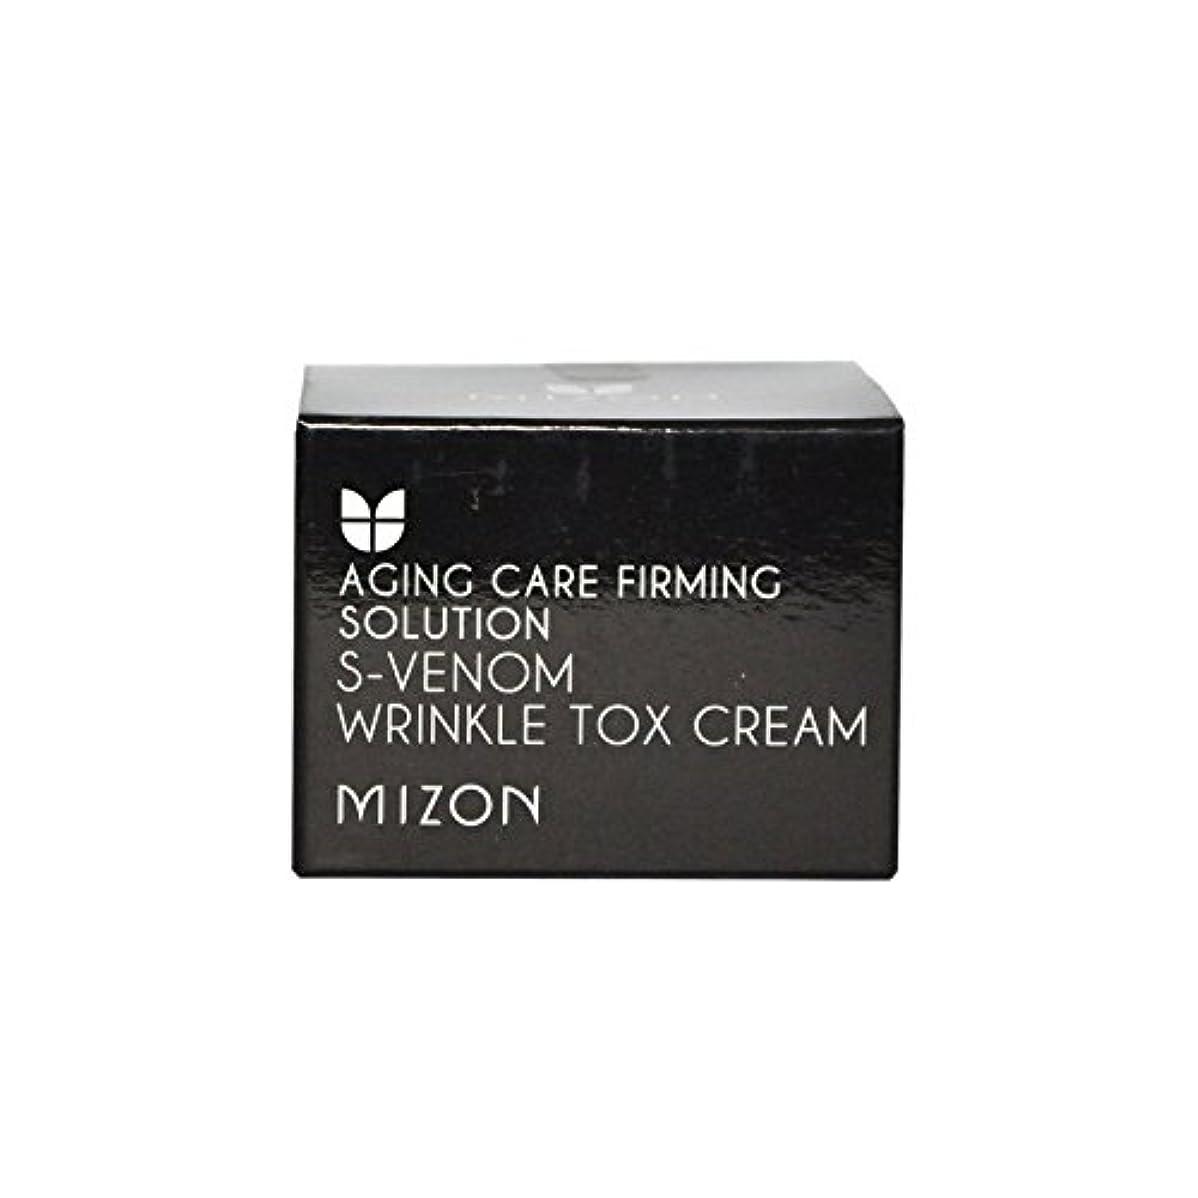 氷昨日表示の毒リンクルトックスクリーム x4 - Mizon S Venom Wrinkle Tox Cream (Pack of 4) [並行輸入品]